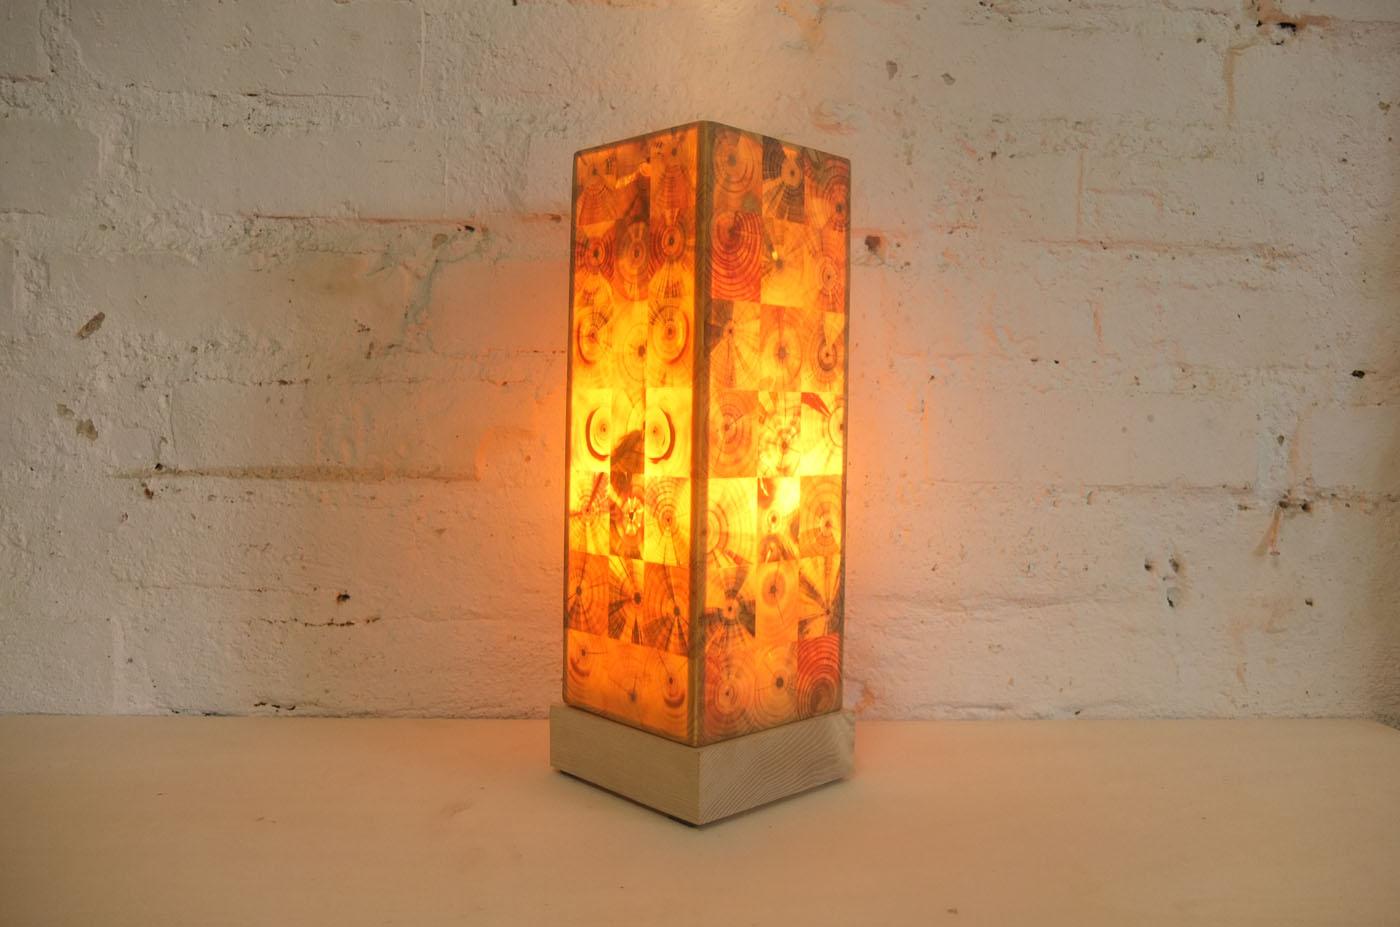 holz leuchtet designerlampen aus hirnholz s chsischer. Black Bedroom Furniture Sets. Home Design Ideas